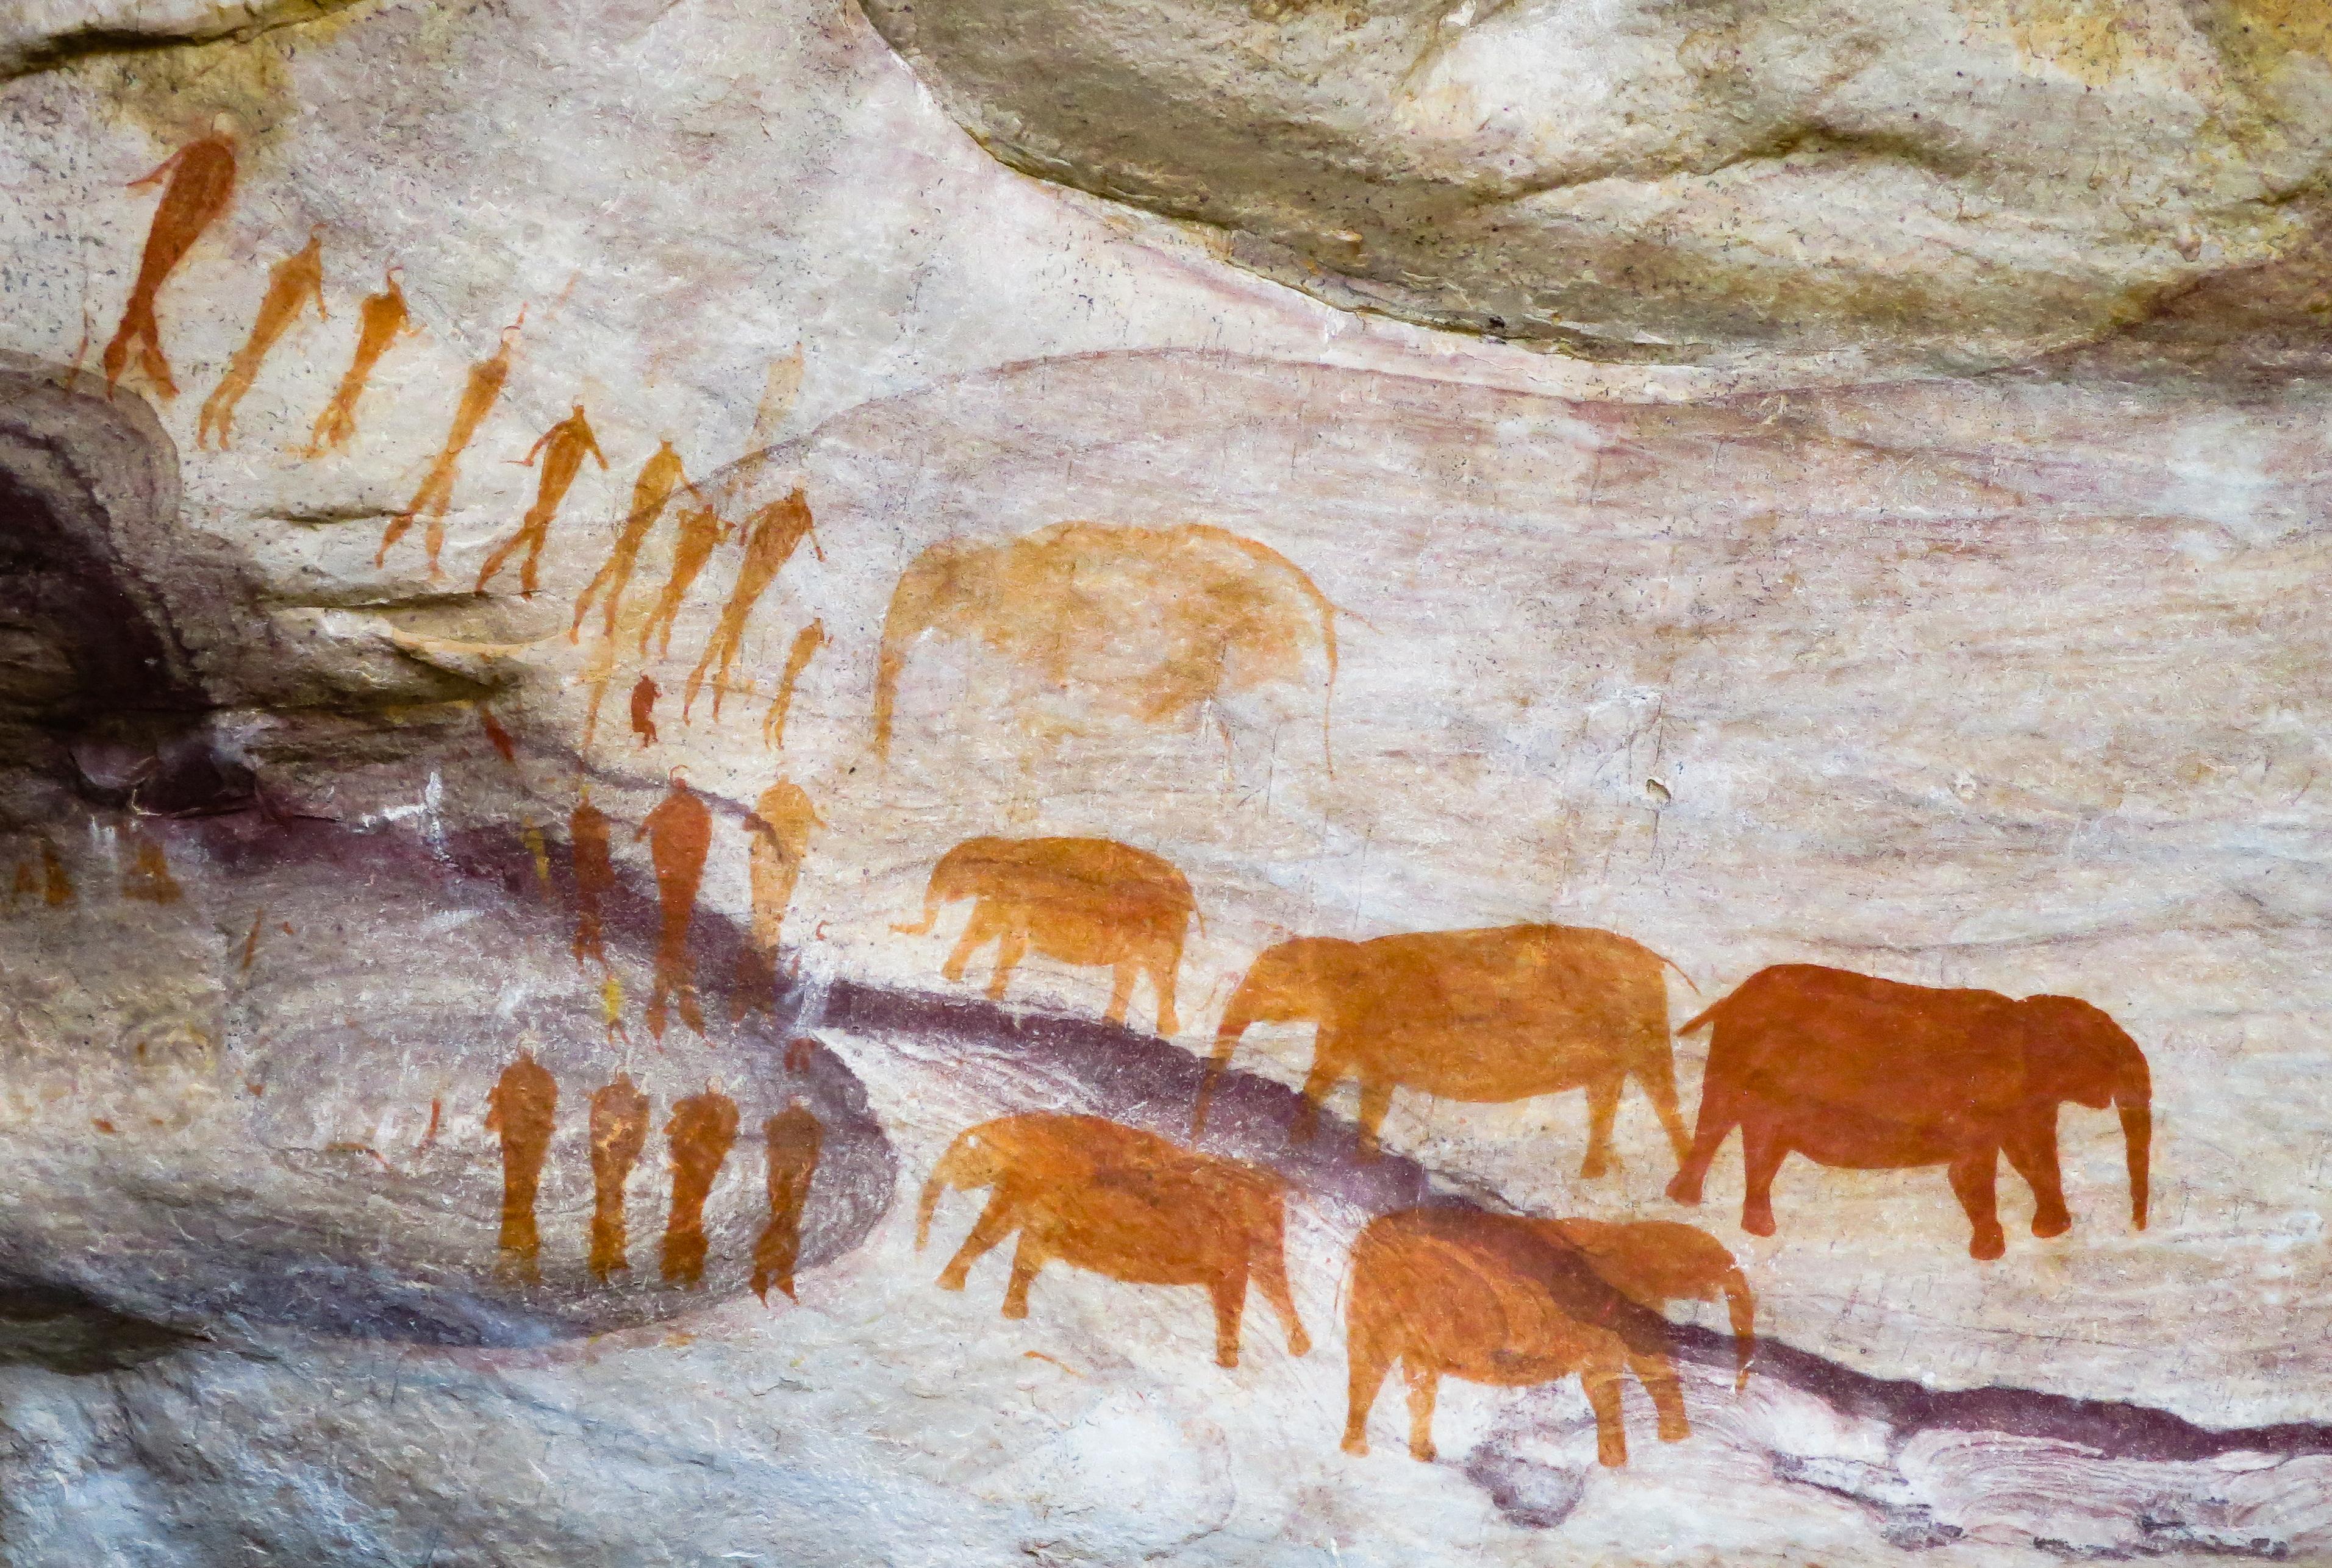 Khoisan Cave Paintings, Cederberg